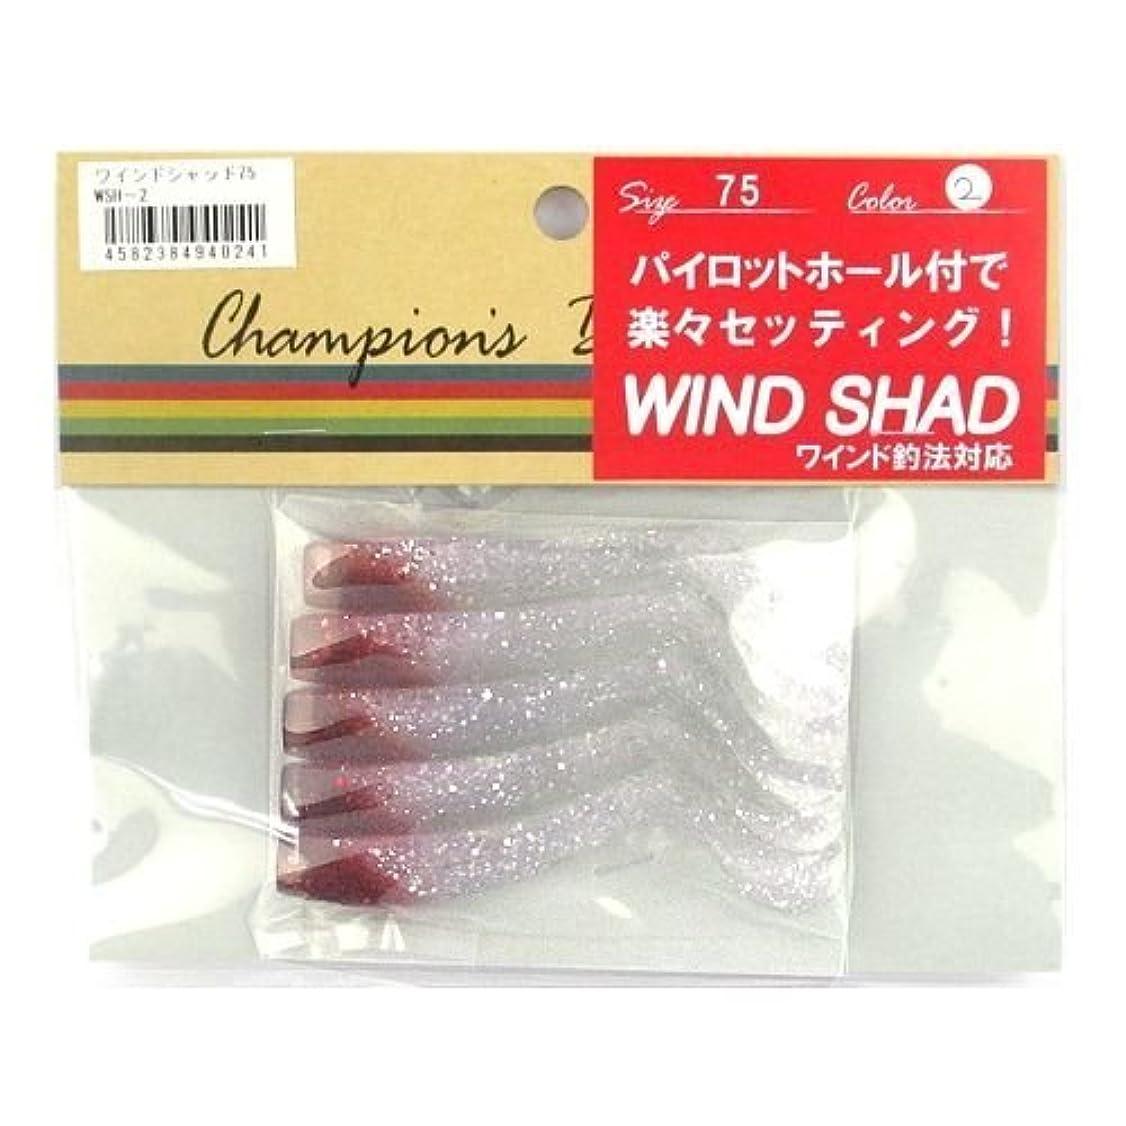 リットル四分円到着するオンスタックルデザイン ワインドシャッド 75 02 スパークルレッドヘッド